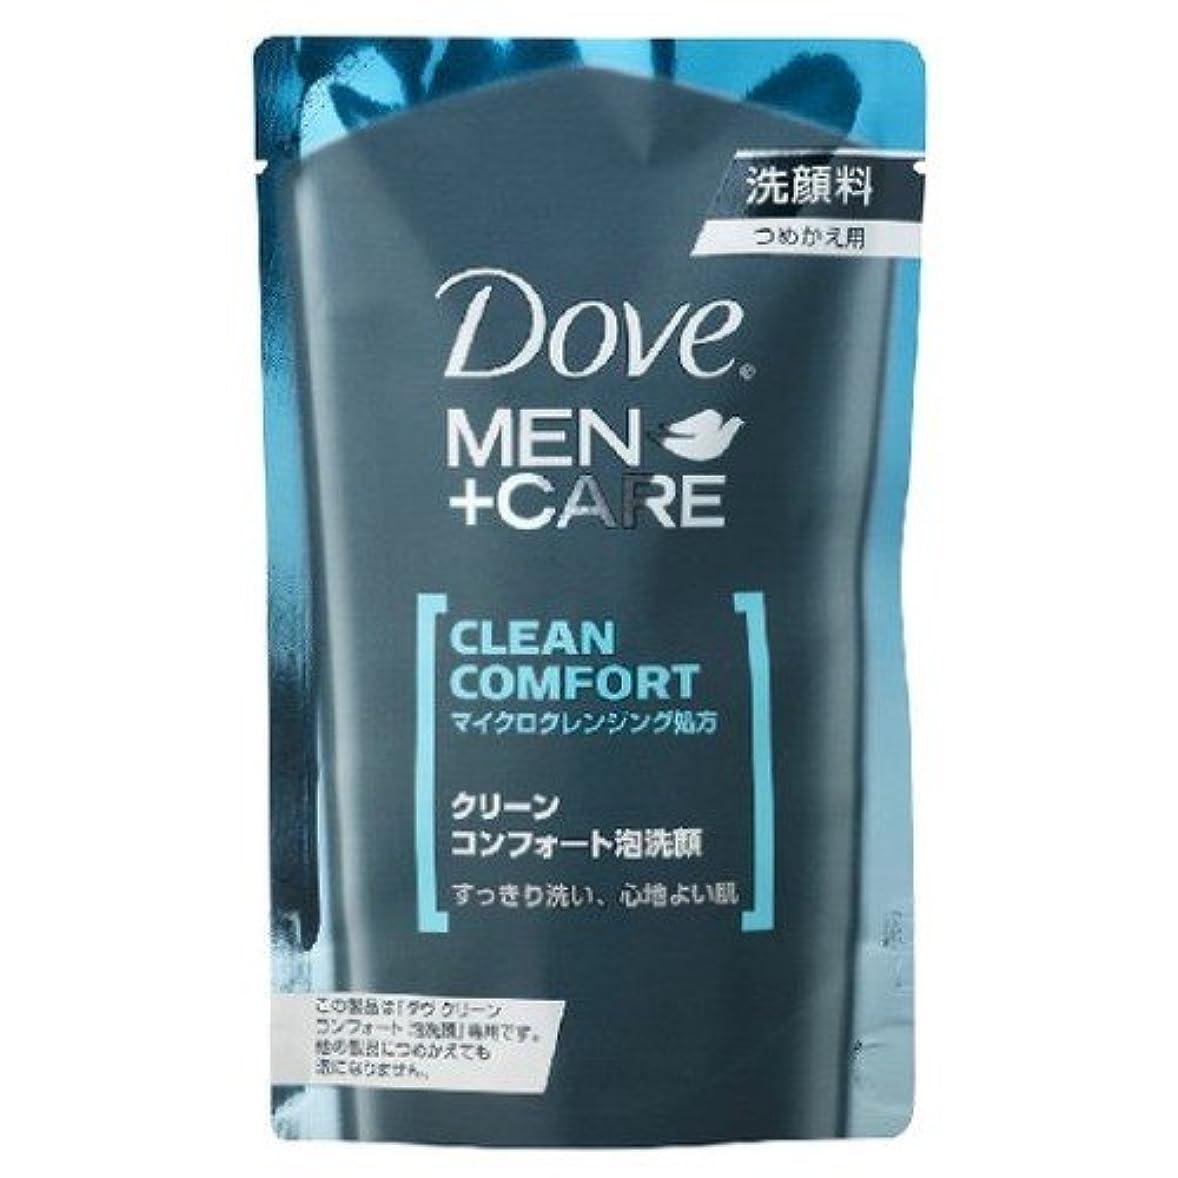 企業マティス血色の良いダヴ クリーンコンフォート 泡洗顔 つめかえ用 110ml